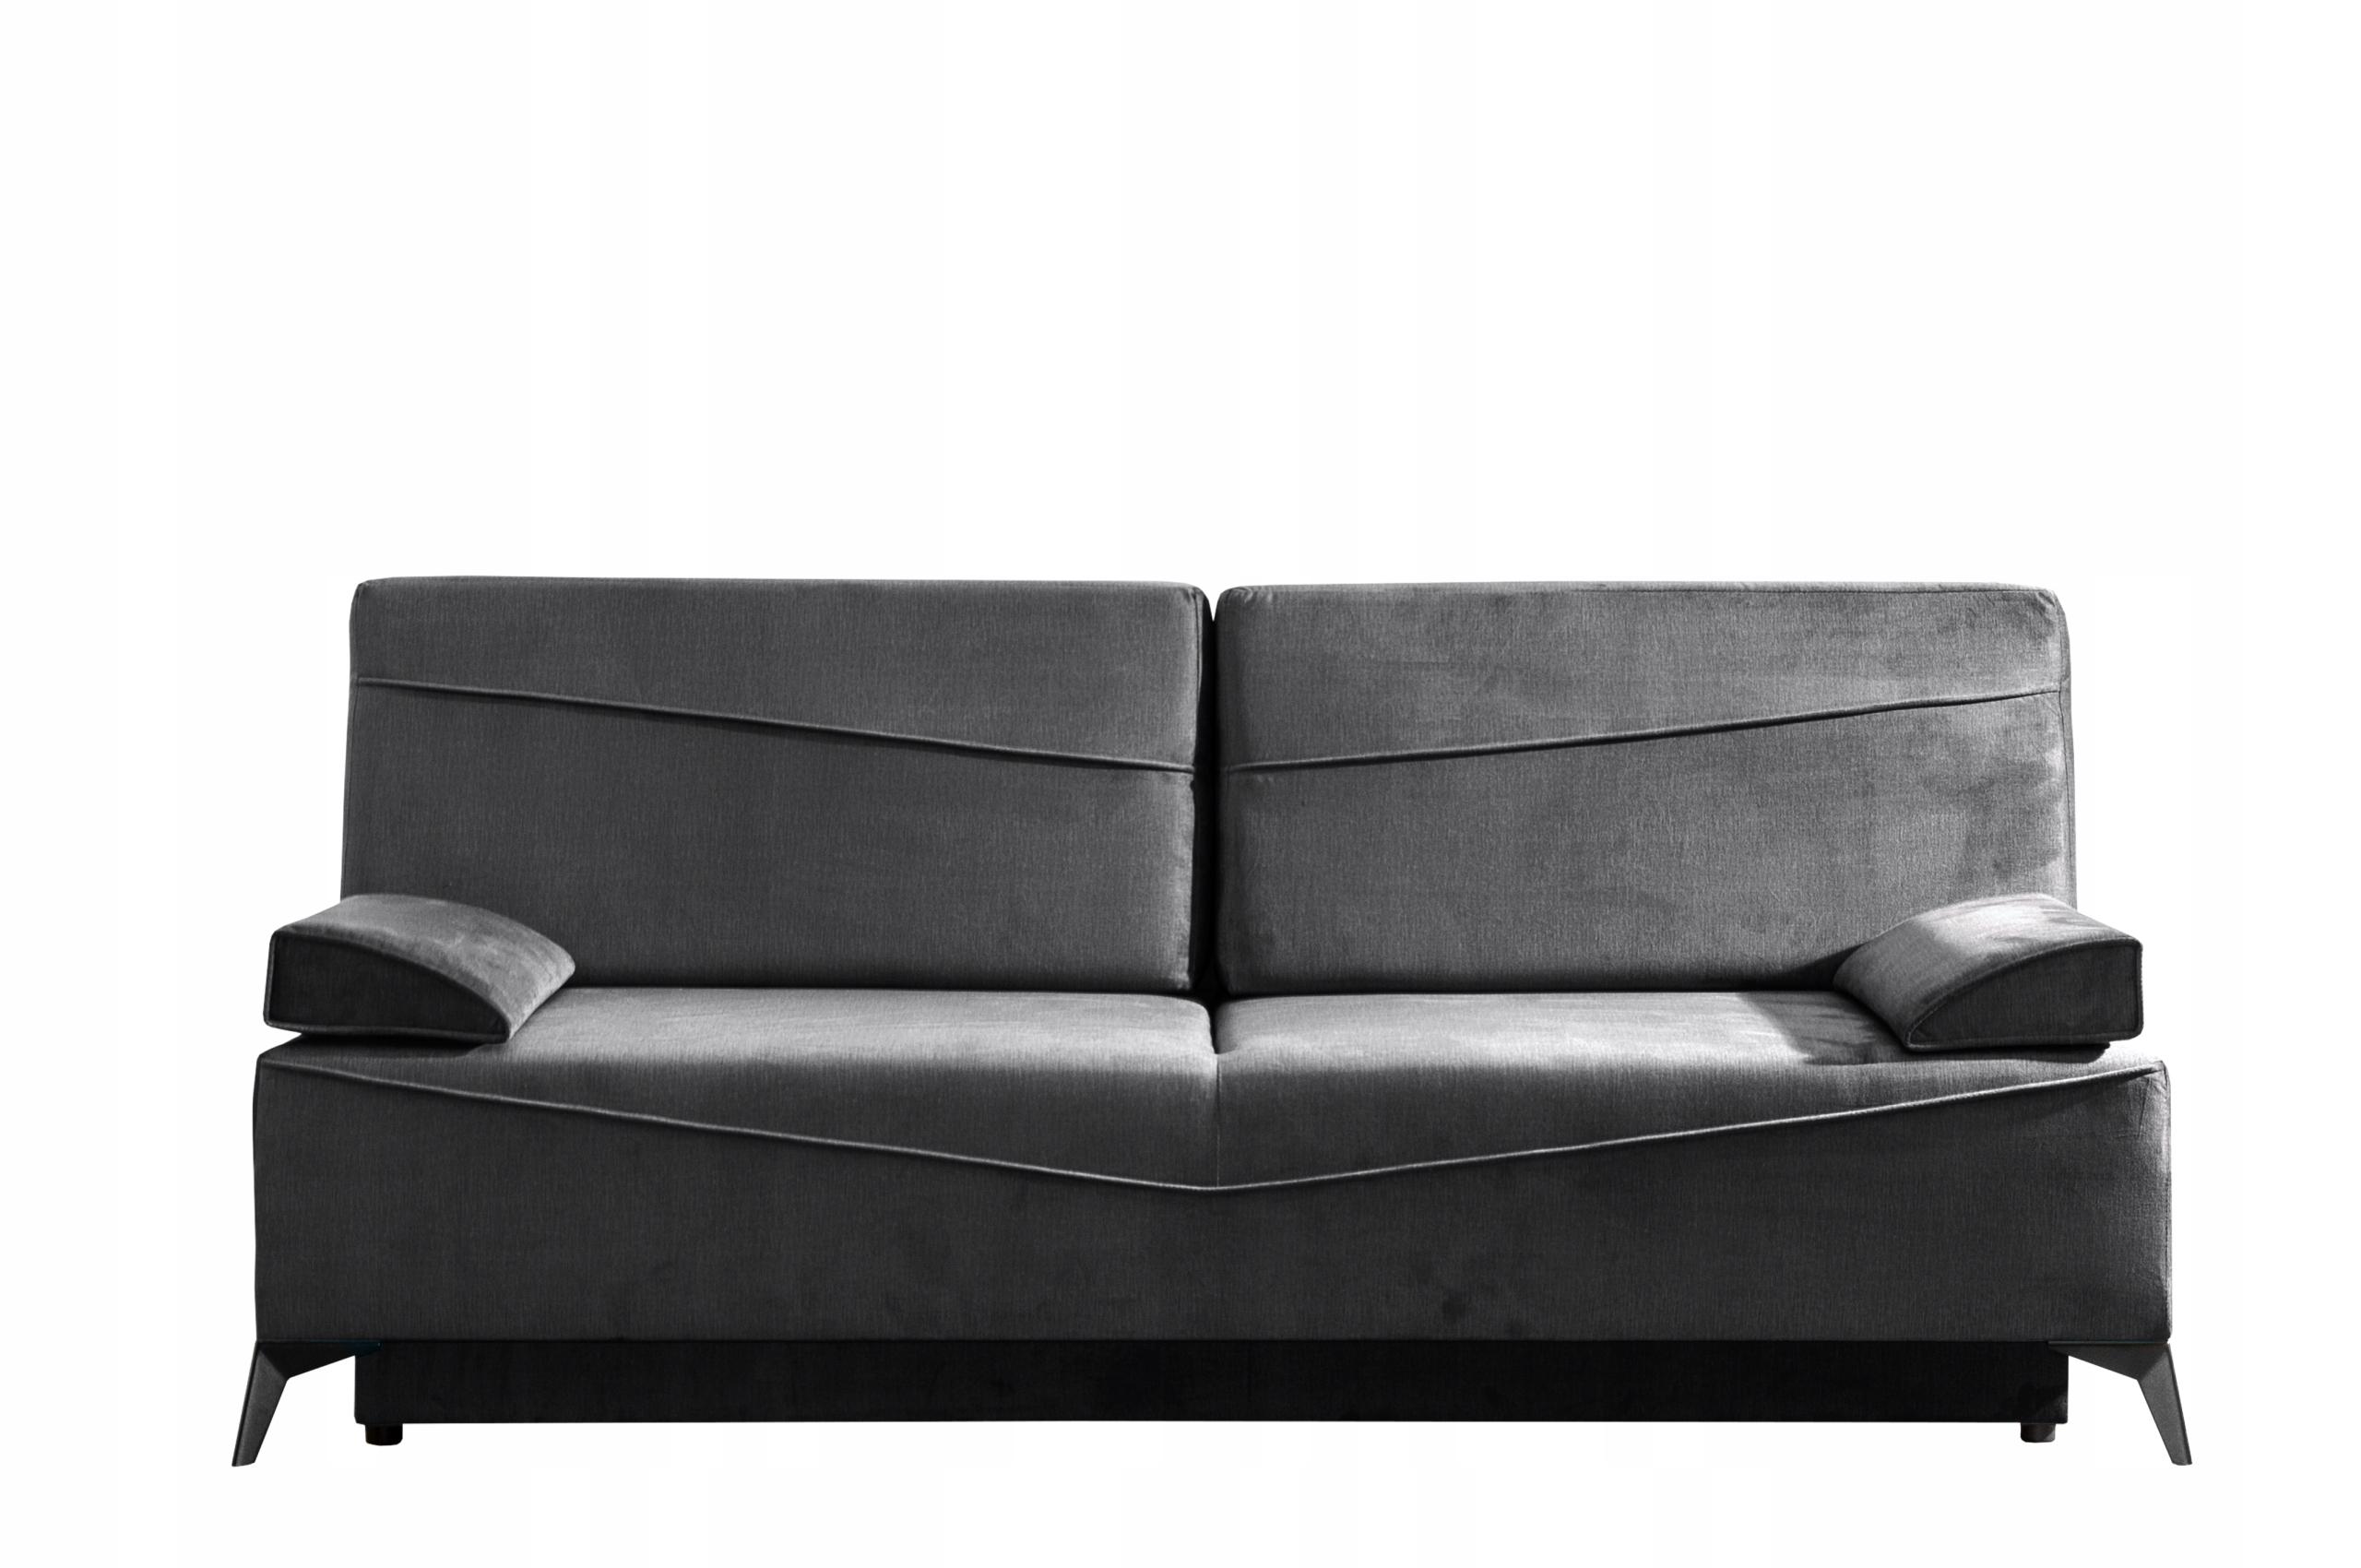 Sofa młodzieżowa ASTIN pojemnik do spania kolory Szerokość mebla 200 cm